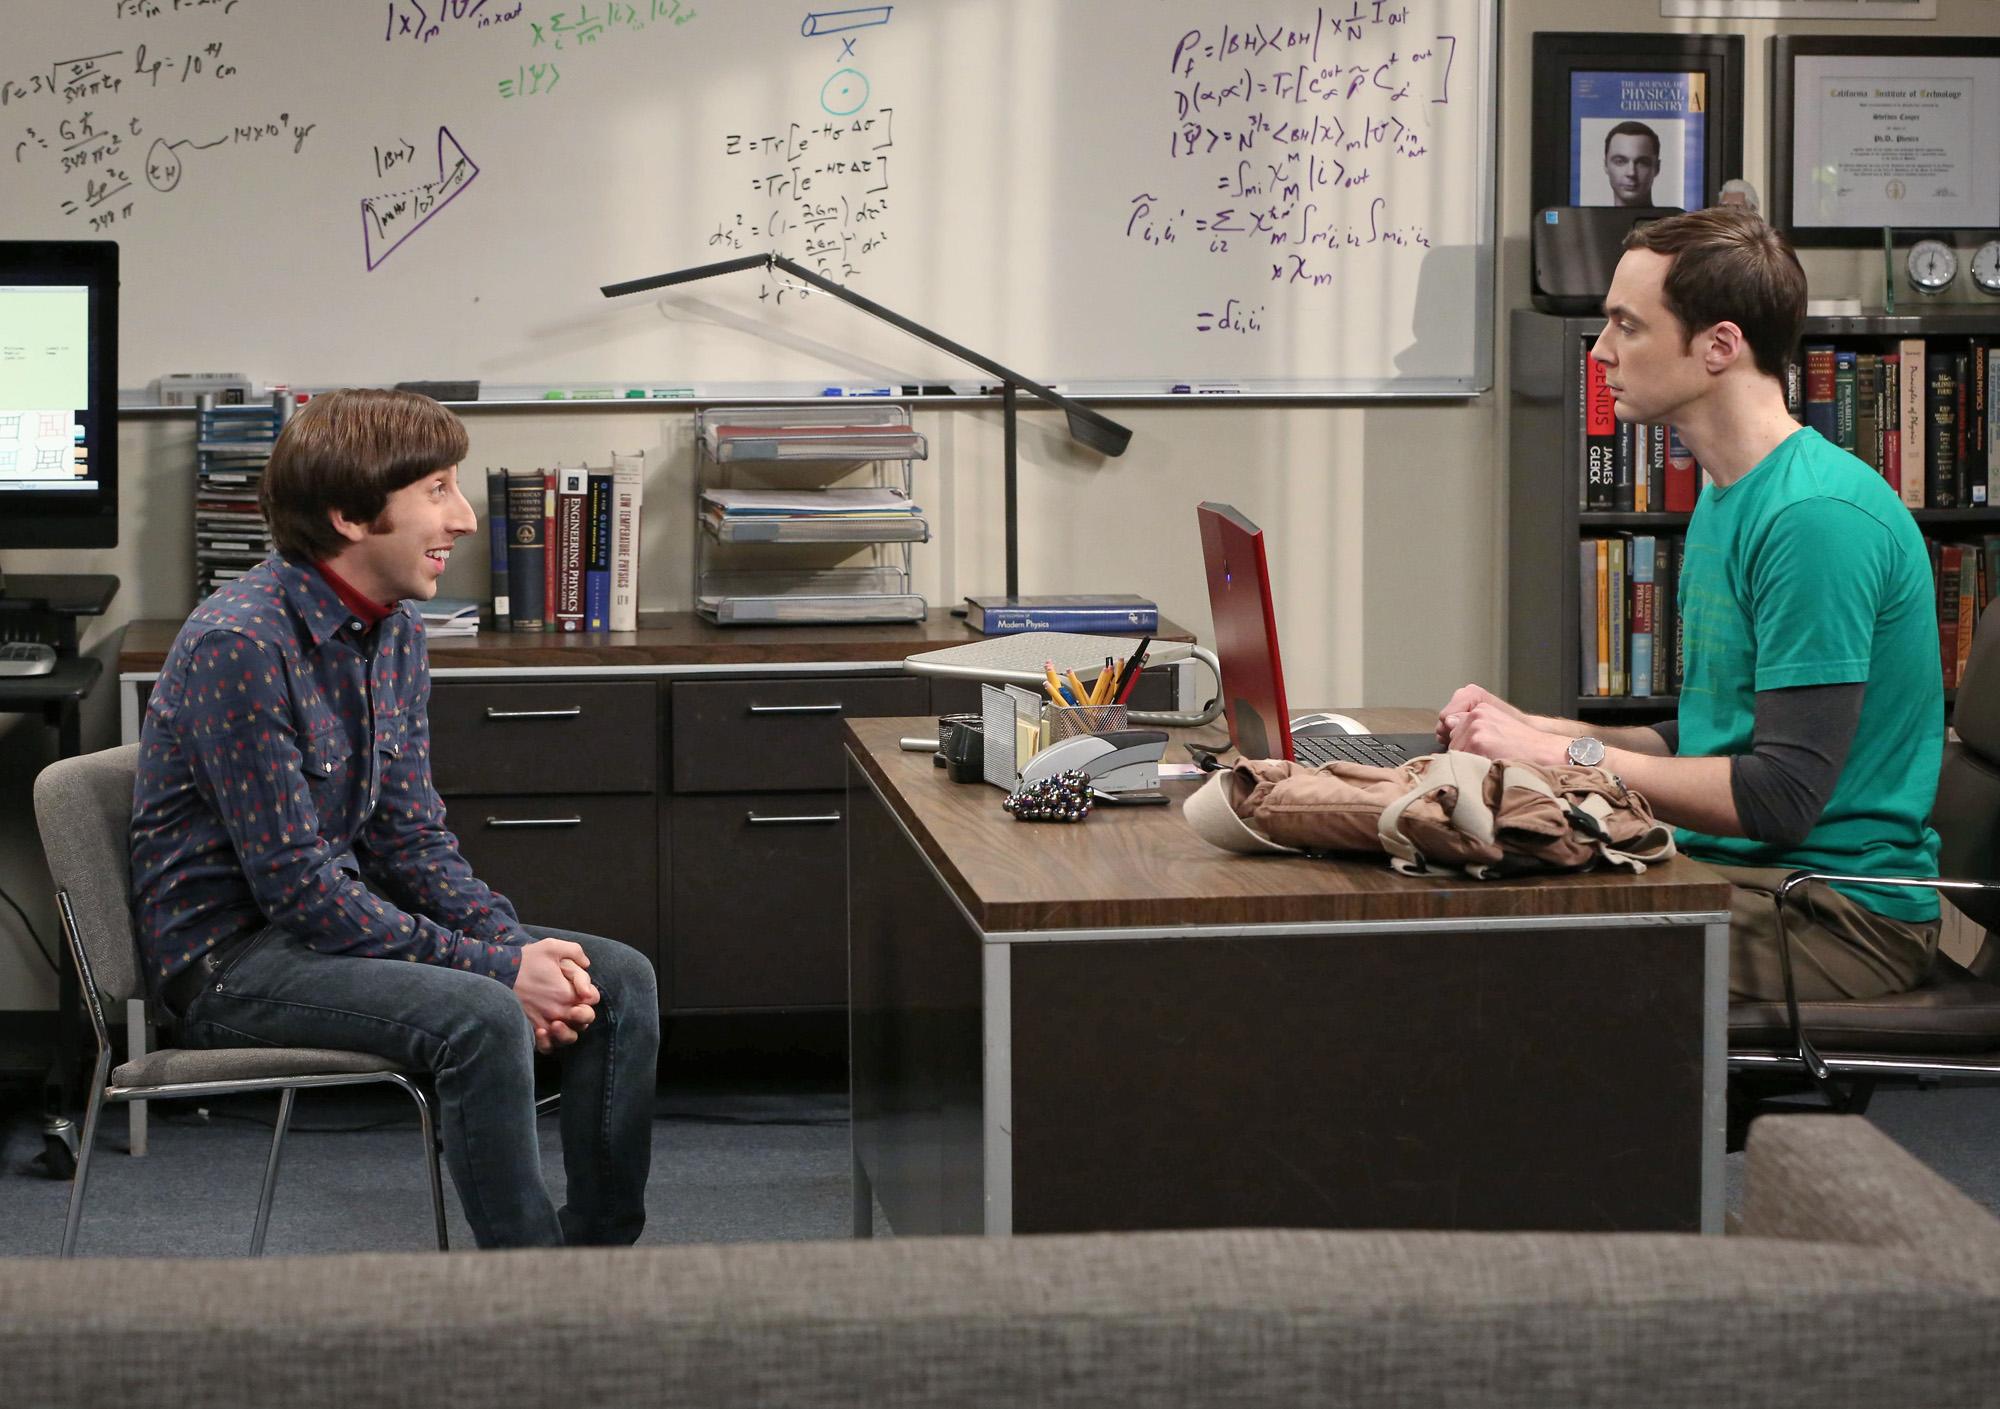 Howard & Sheldon in in